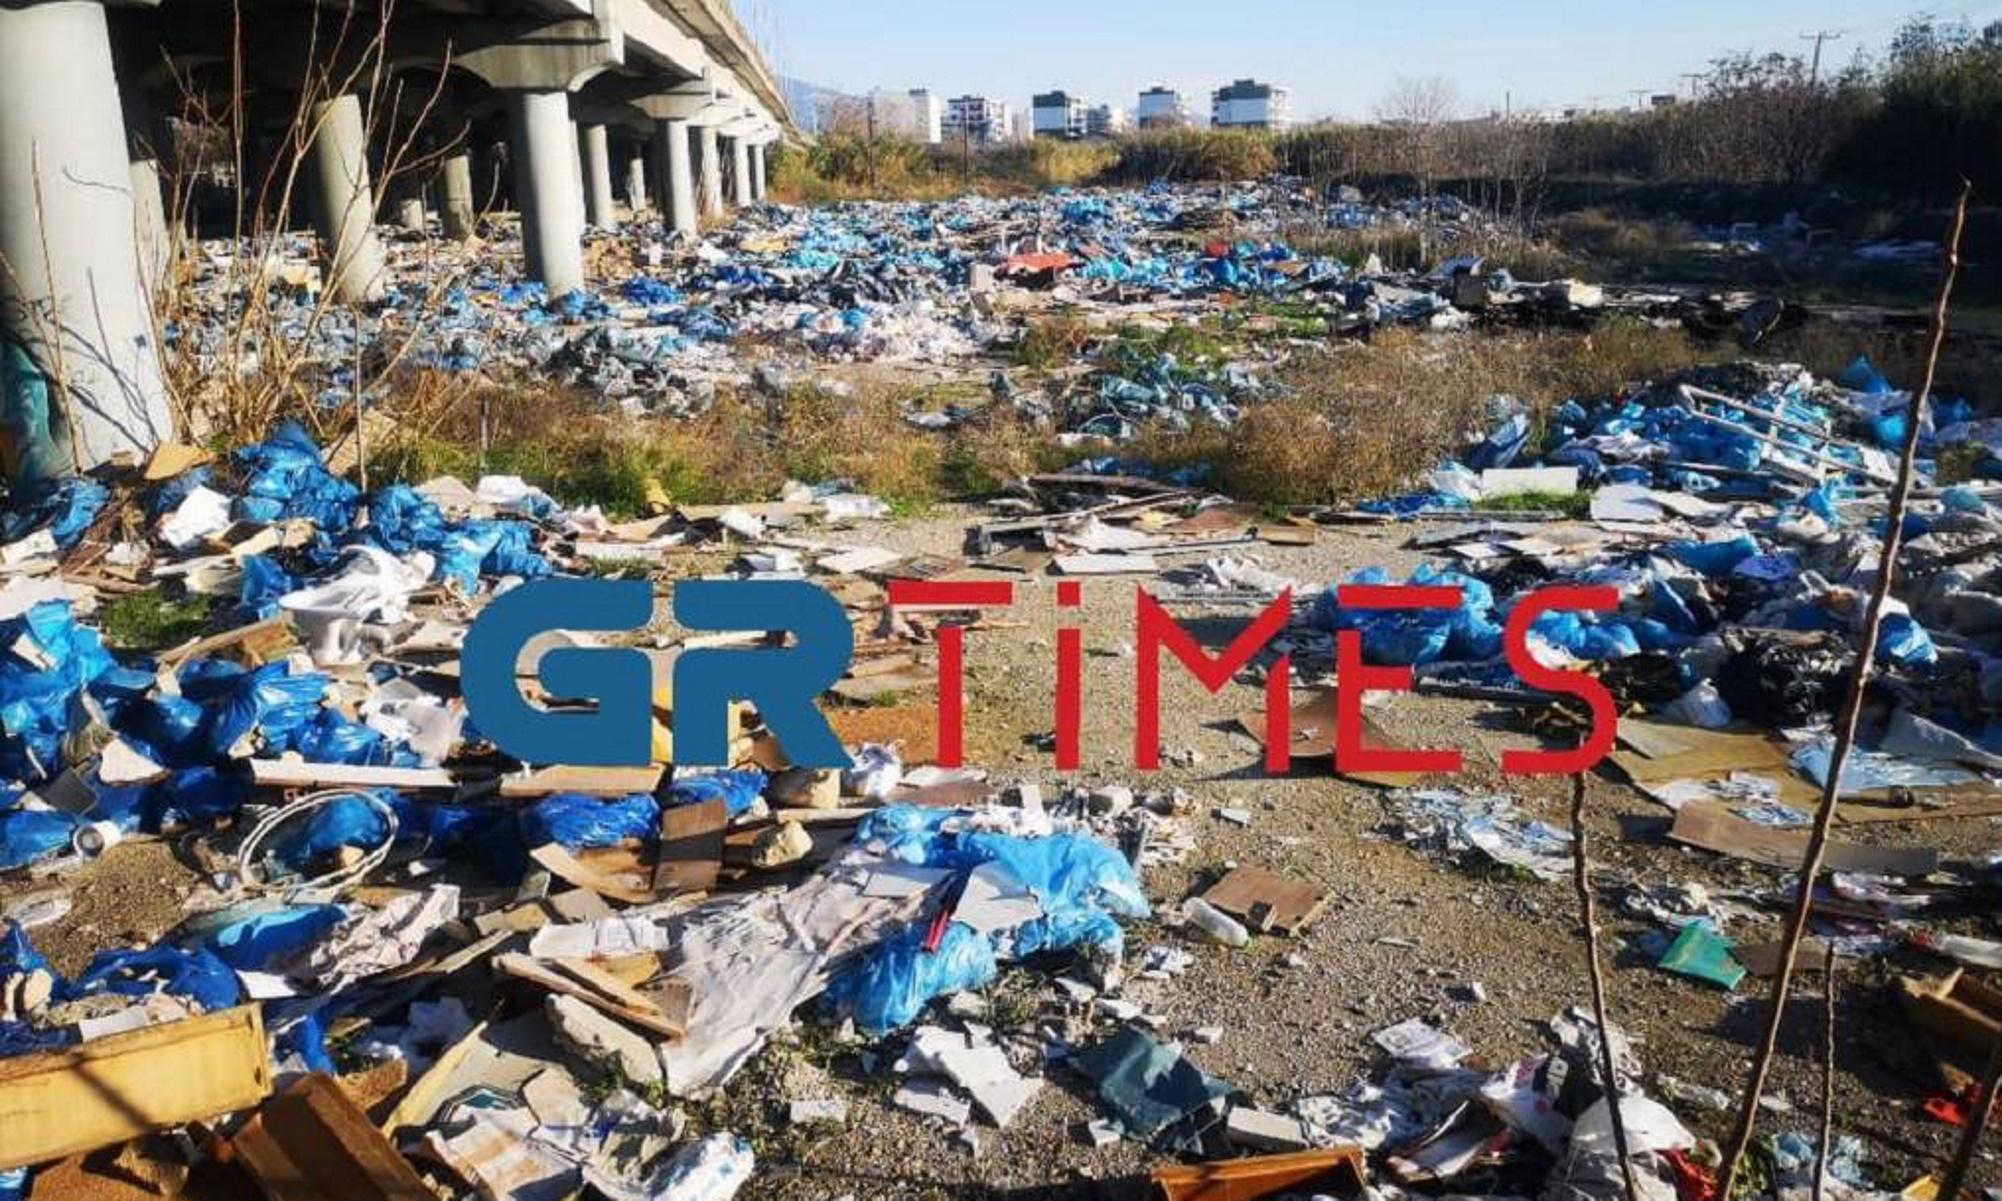 Εικόνες ντροπής στη Θεσσαλονίκη – Παράνομη χωματερή δίπλα από τα ΚΤΕΛ